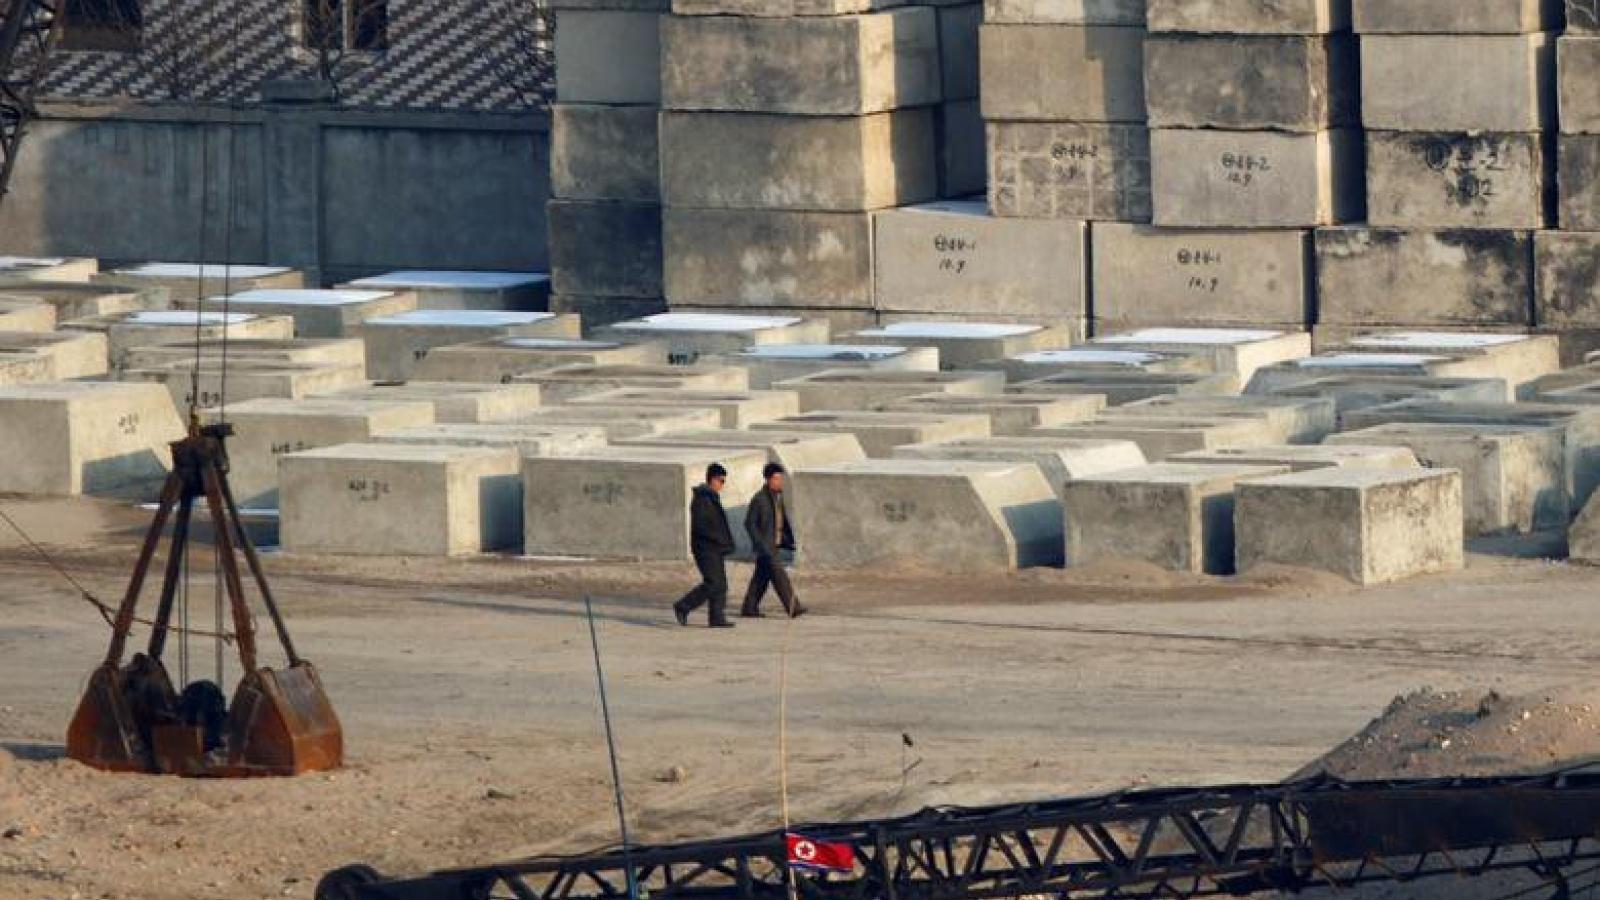 Ngăn ngừa Covid-19, Triều Tiên tăng cường kiểm dịch tại các cửa khẩu